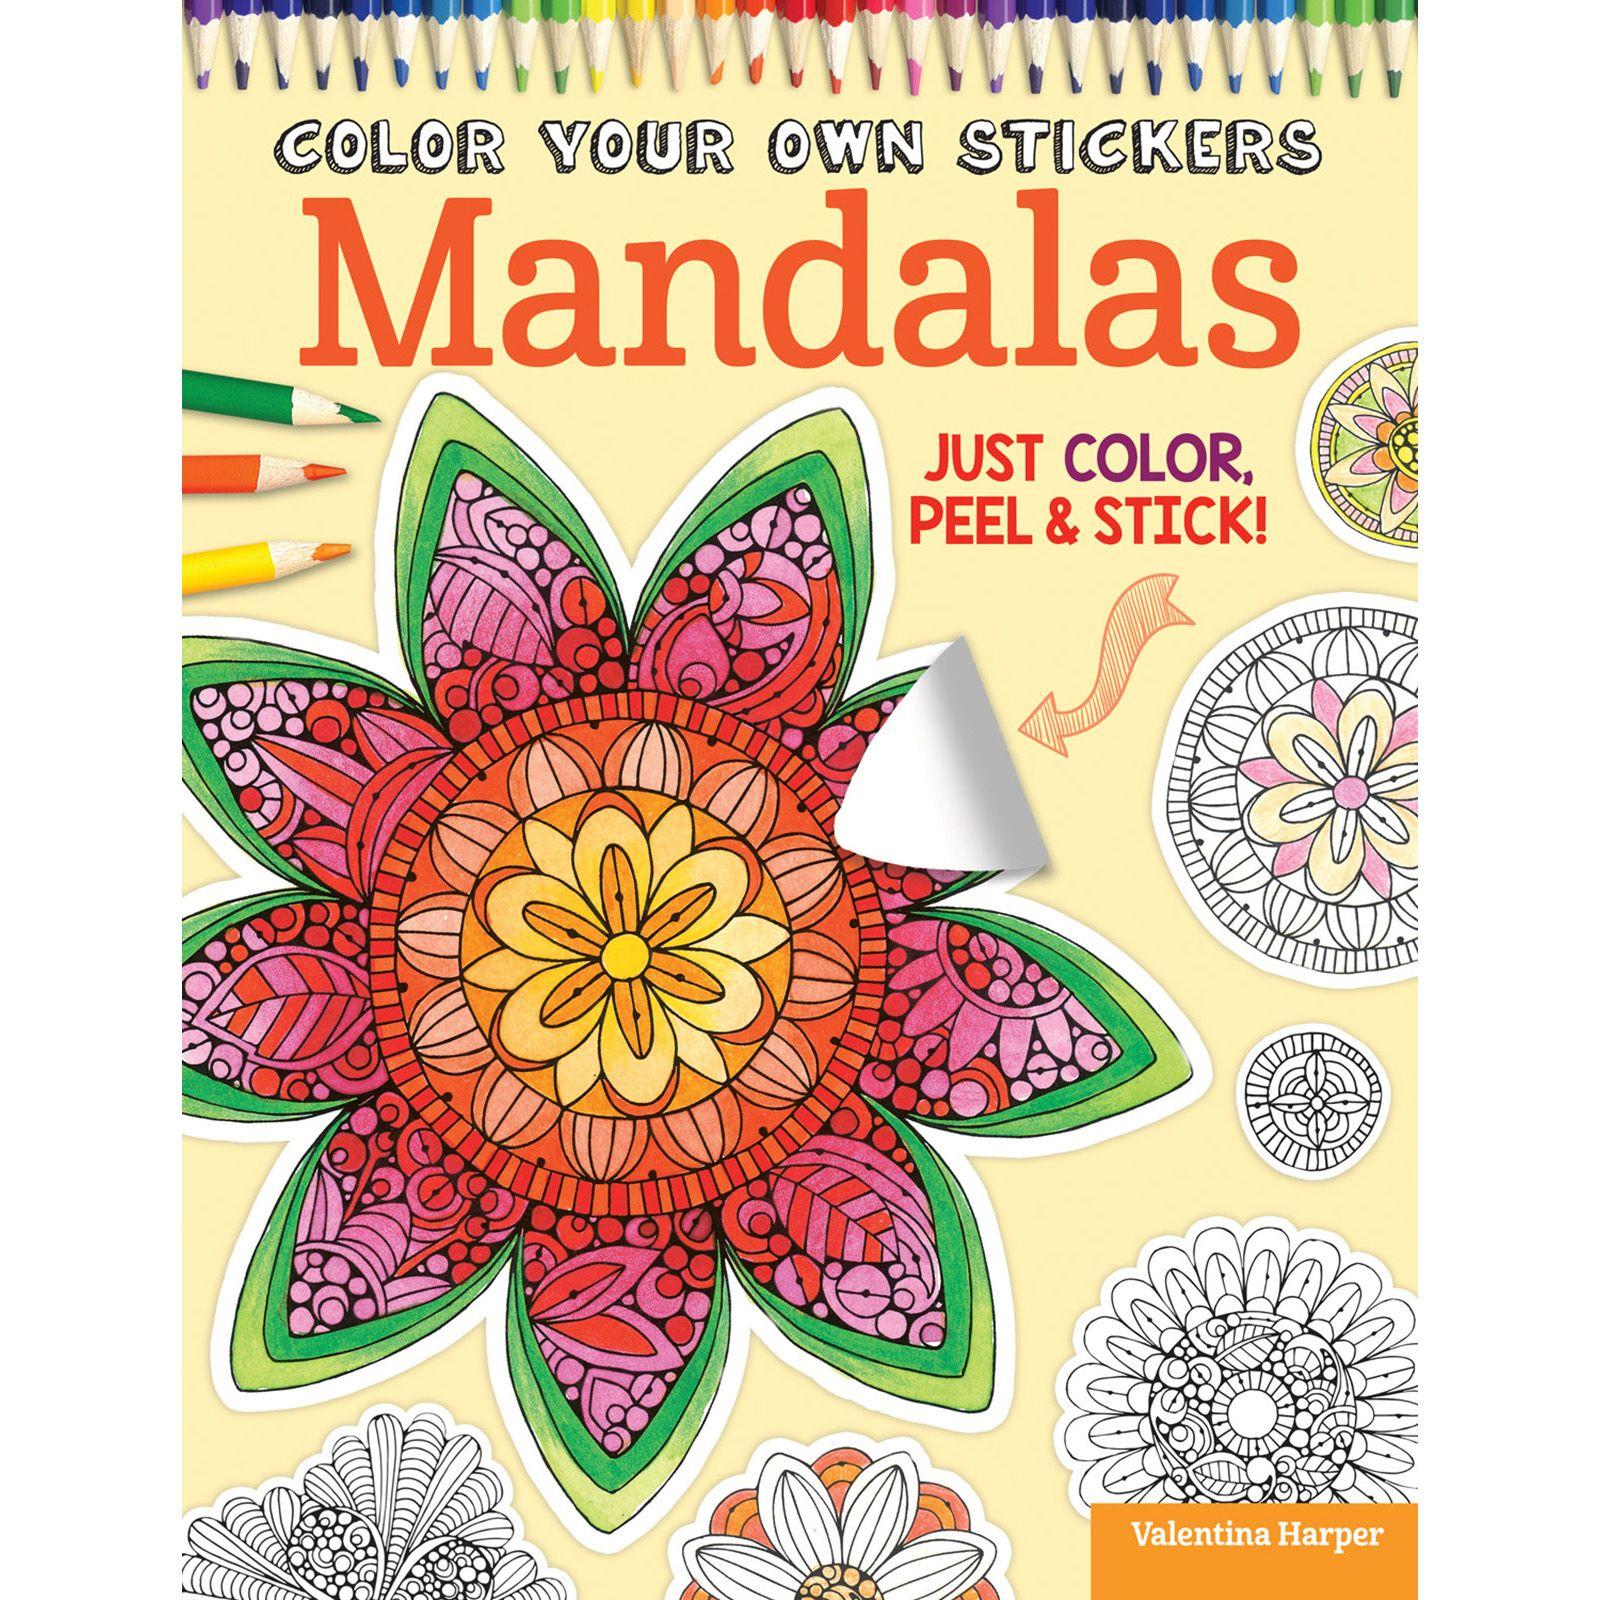 Coloring Books | Coloring! | Pinterest | Mandalas, Mandala and Journal